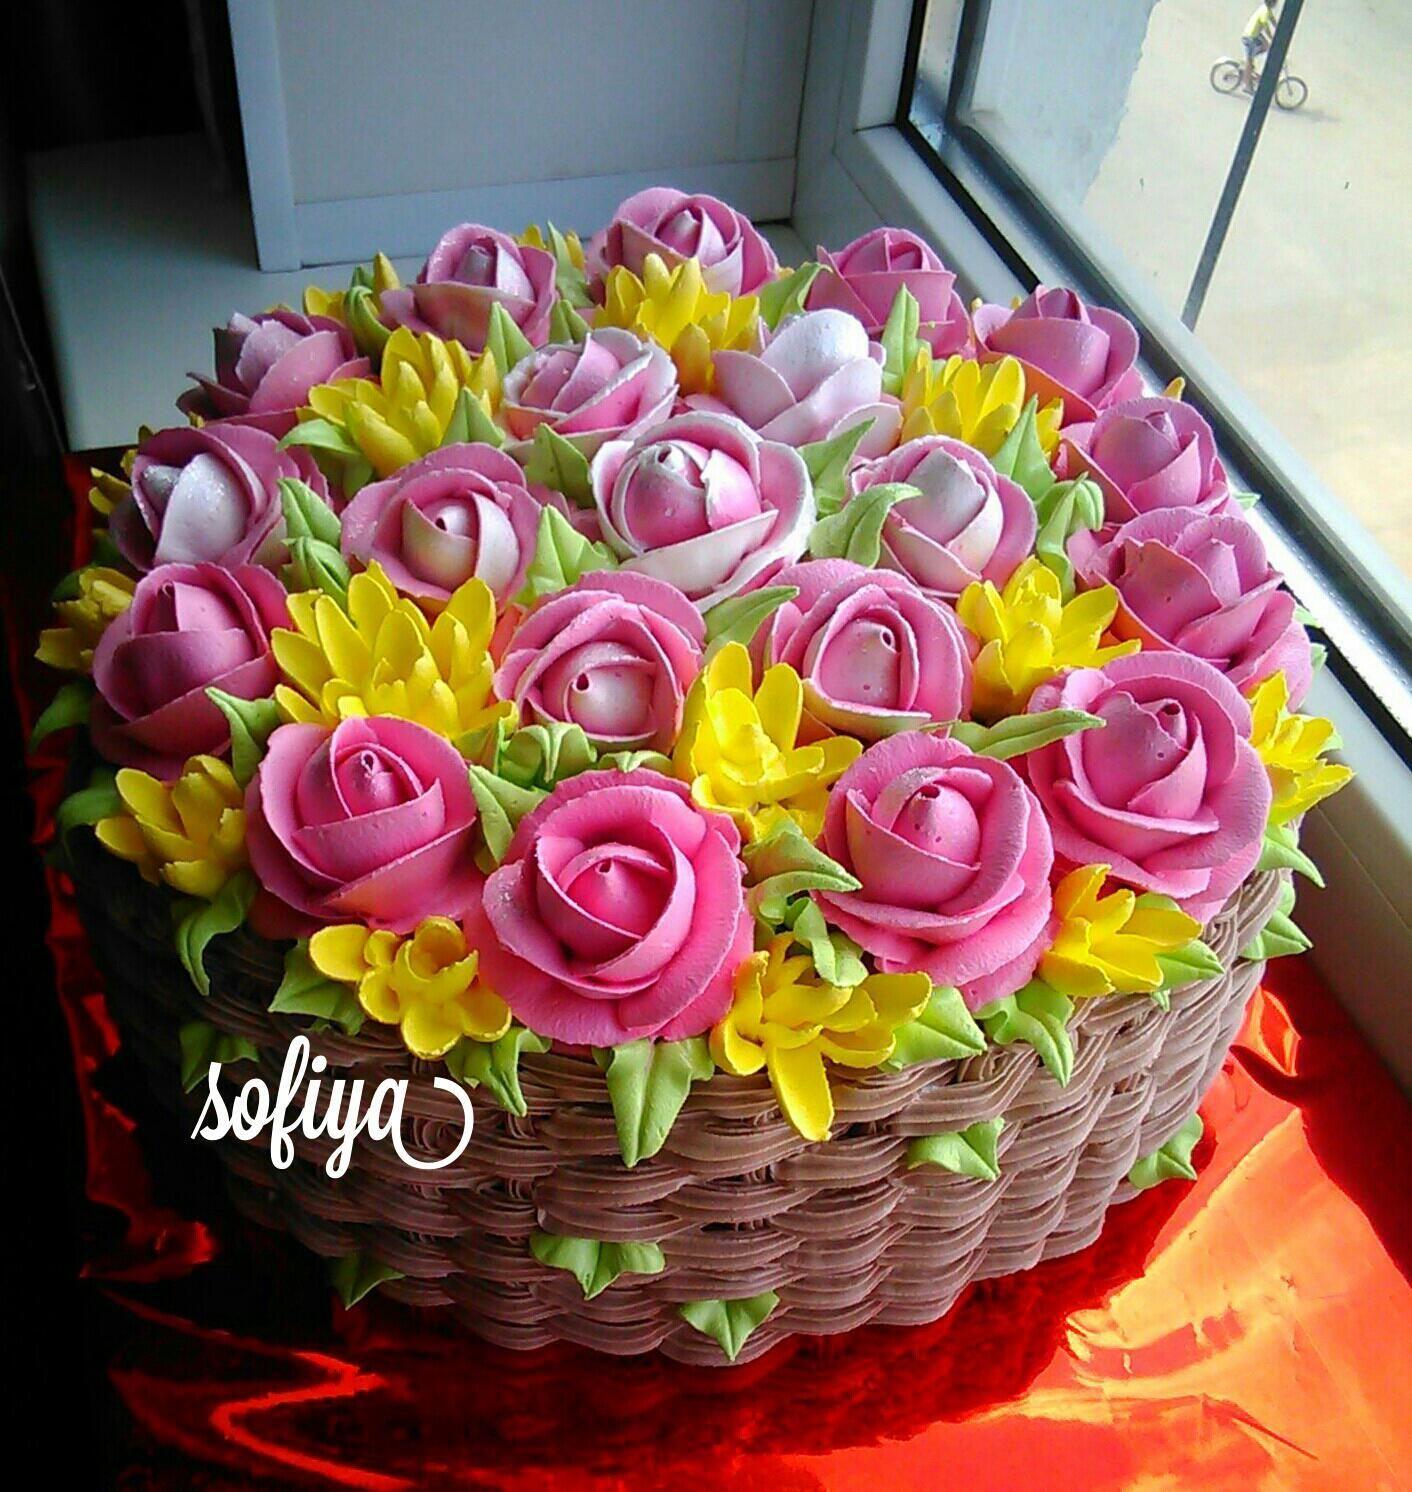 торт корзинка роз кремовый фото открывании такой